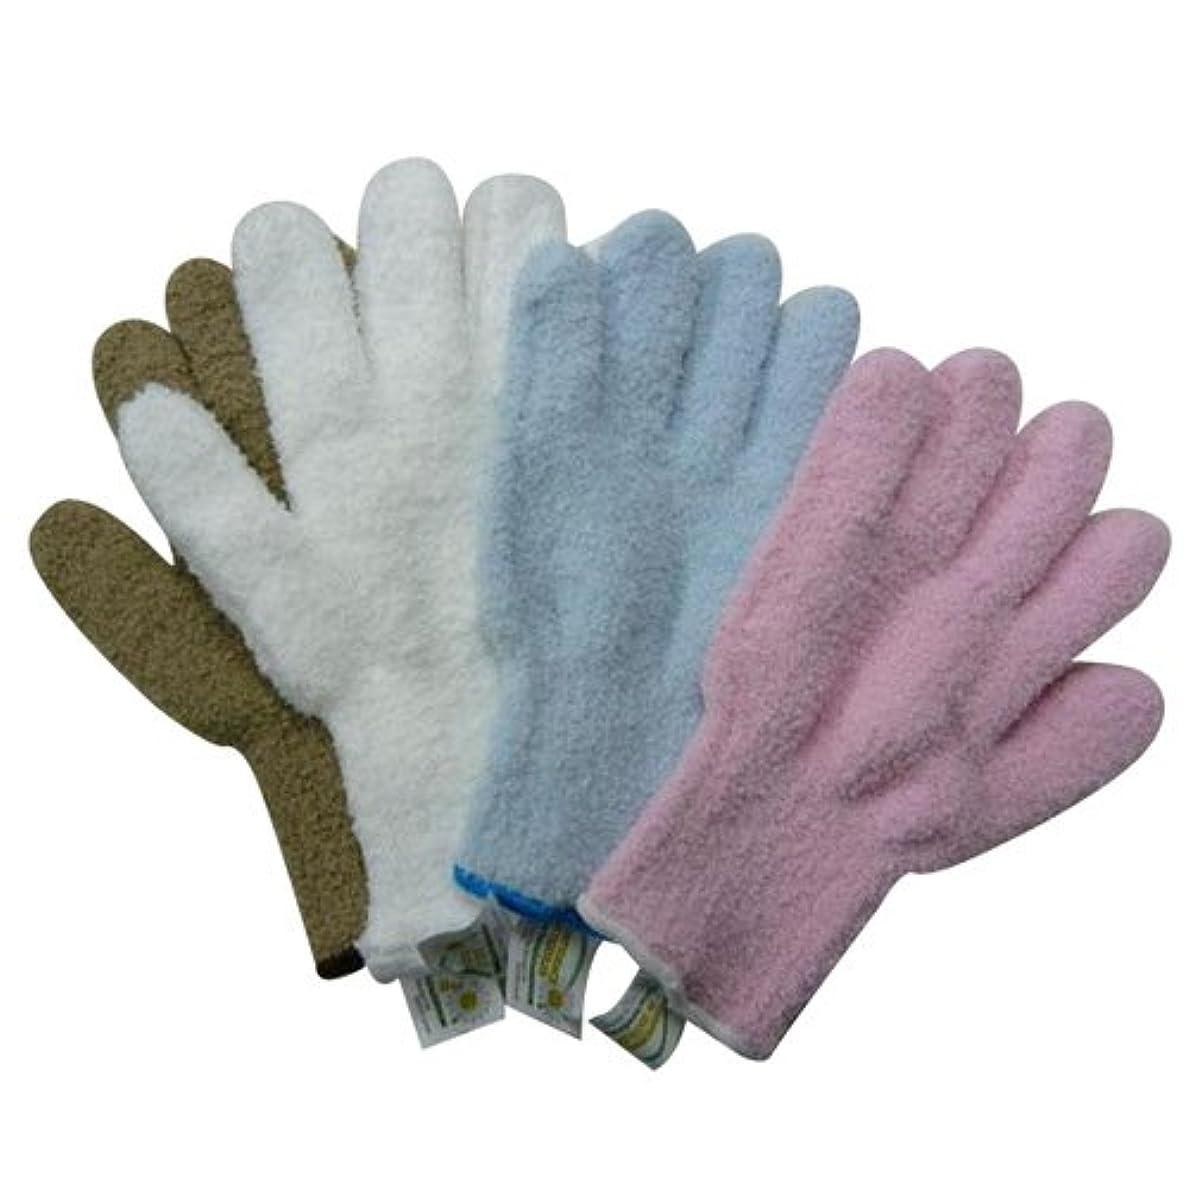 不毛の経過分析するウルトラ?マイクロファイバー手袋 エコテックスタグ付き×4色セット(KE702-WH?SB?BE?PK) 5007an